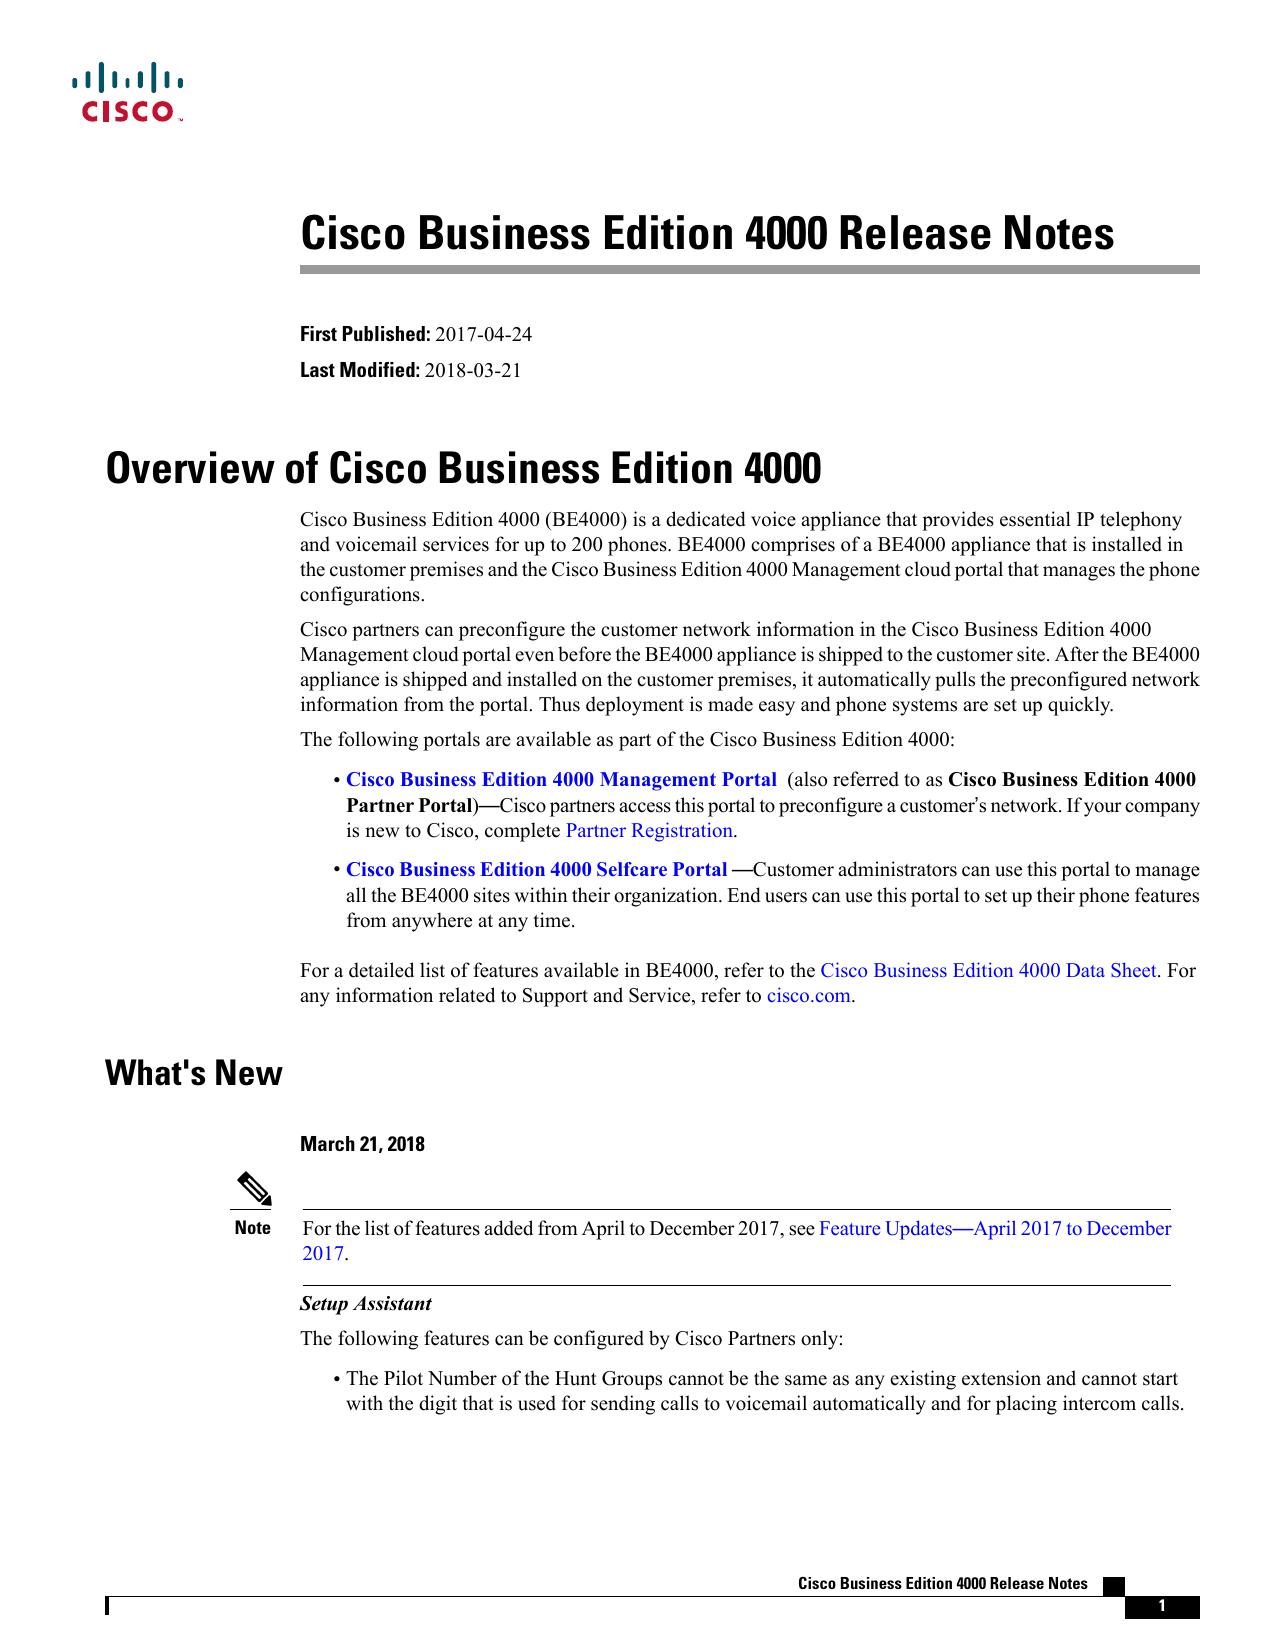 Cisco Business Edition 4000 Release Notes   manualzz com